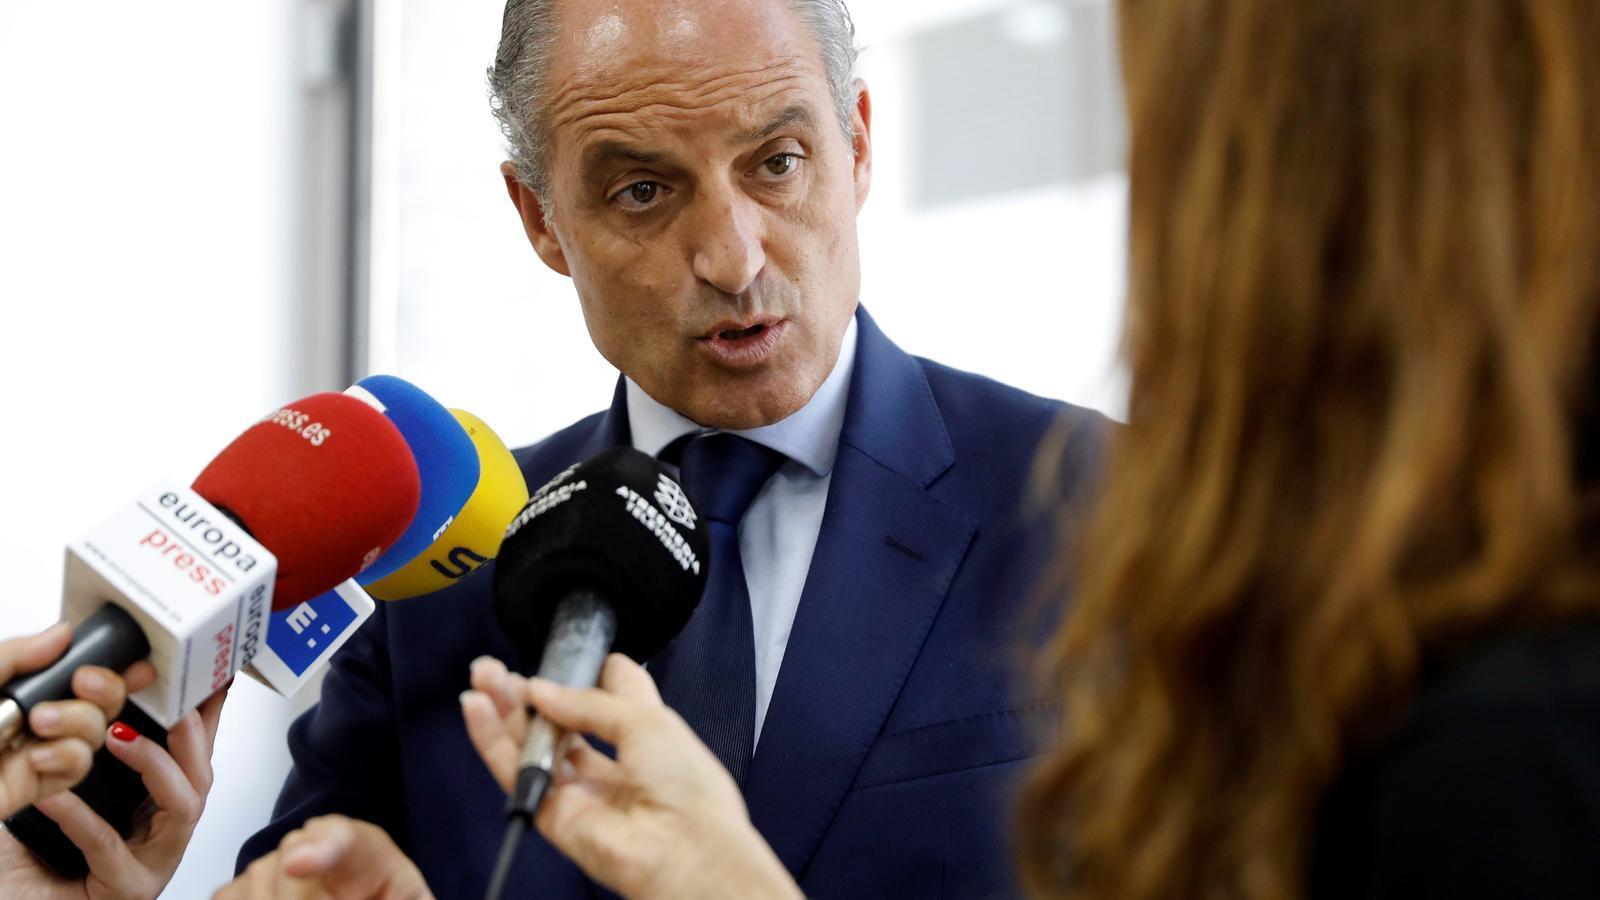 Imputen Francisco Camps pels contractes de la Generalitat Valenciana amb la trama Gürtel